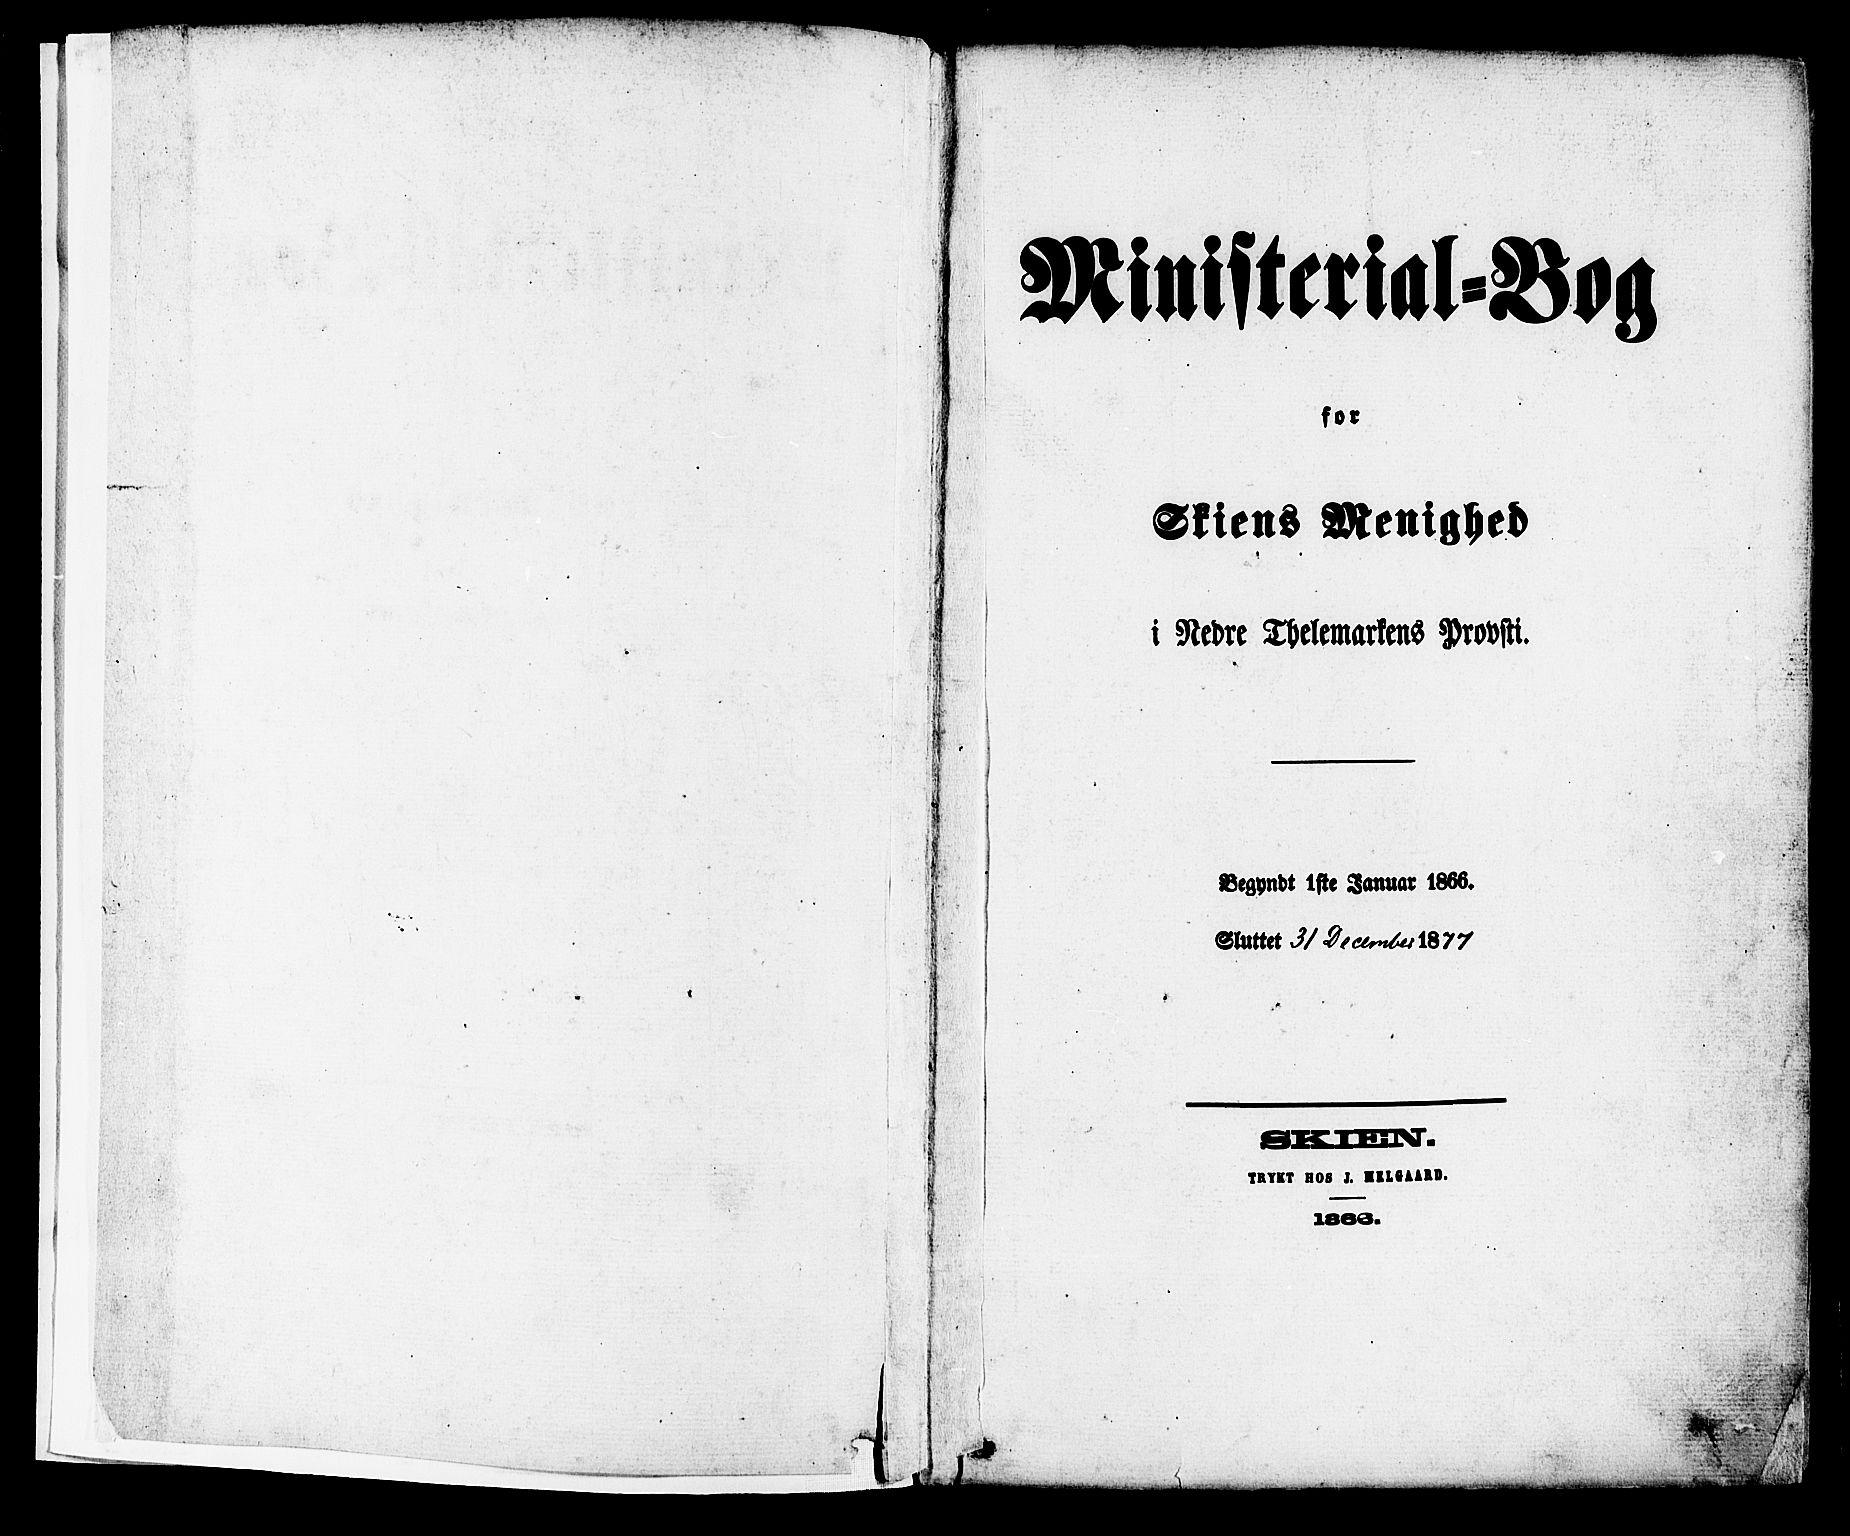 SAKO, Skien kirkebøker, F/Fa/L0008: Ministerialbok nr. 8, 1866-1877